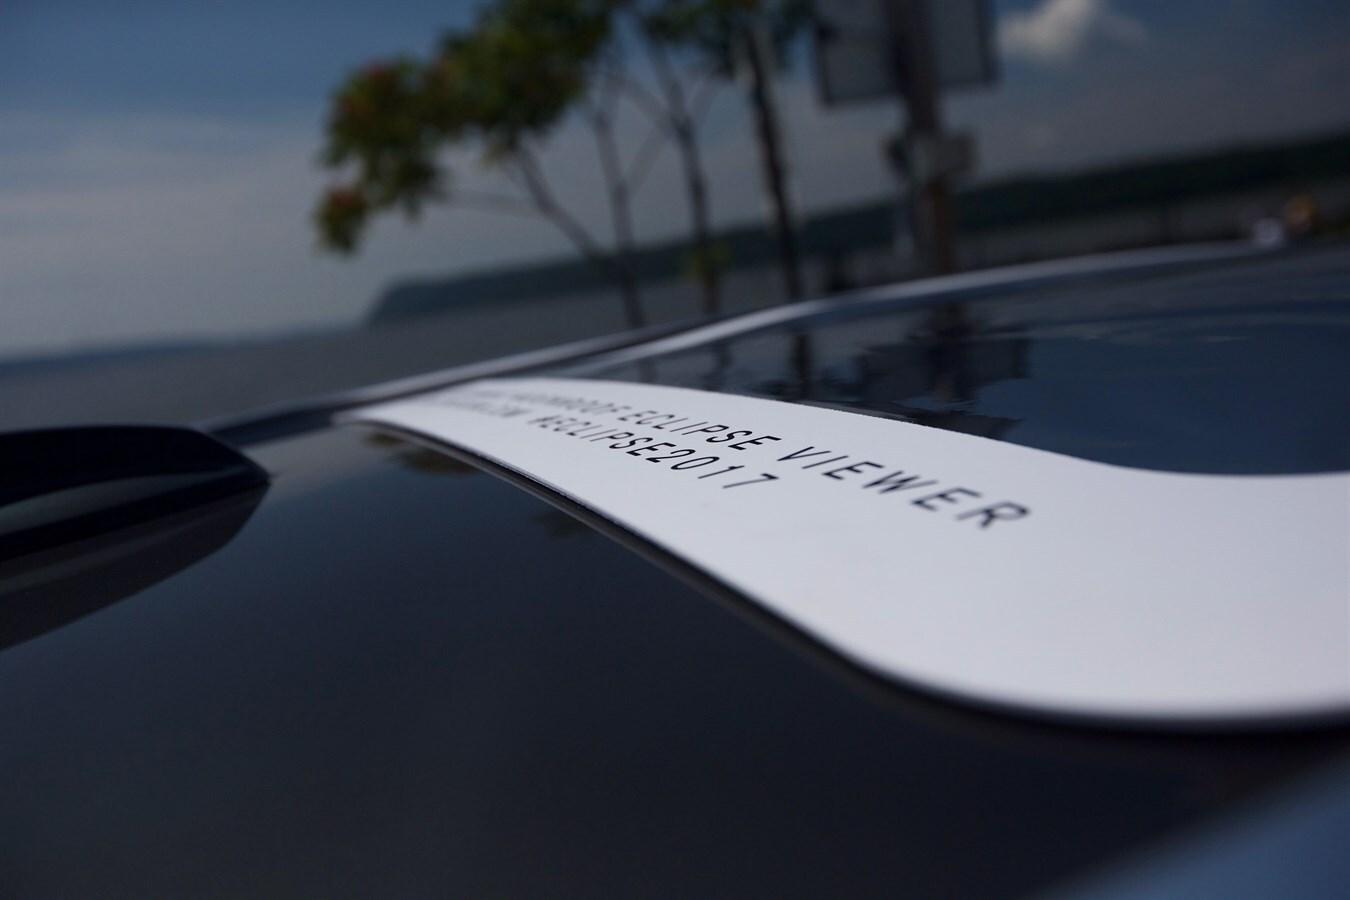 Volvo XC60 Panoramic Moonroof Eclipse Viewer